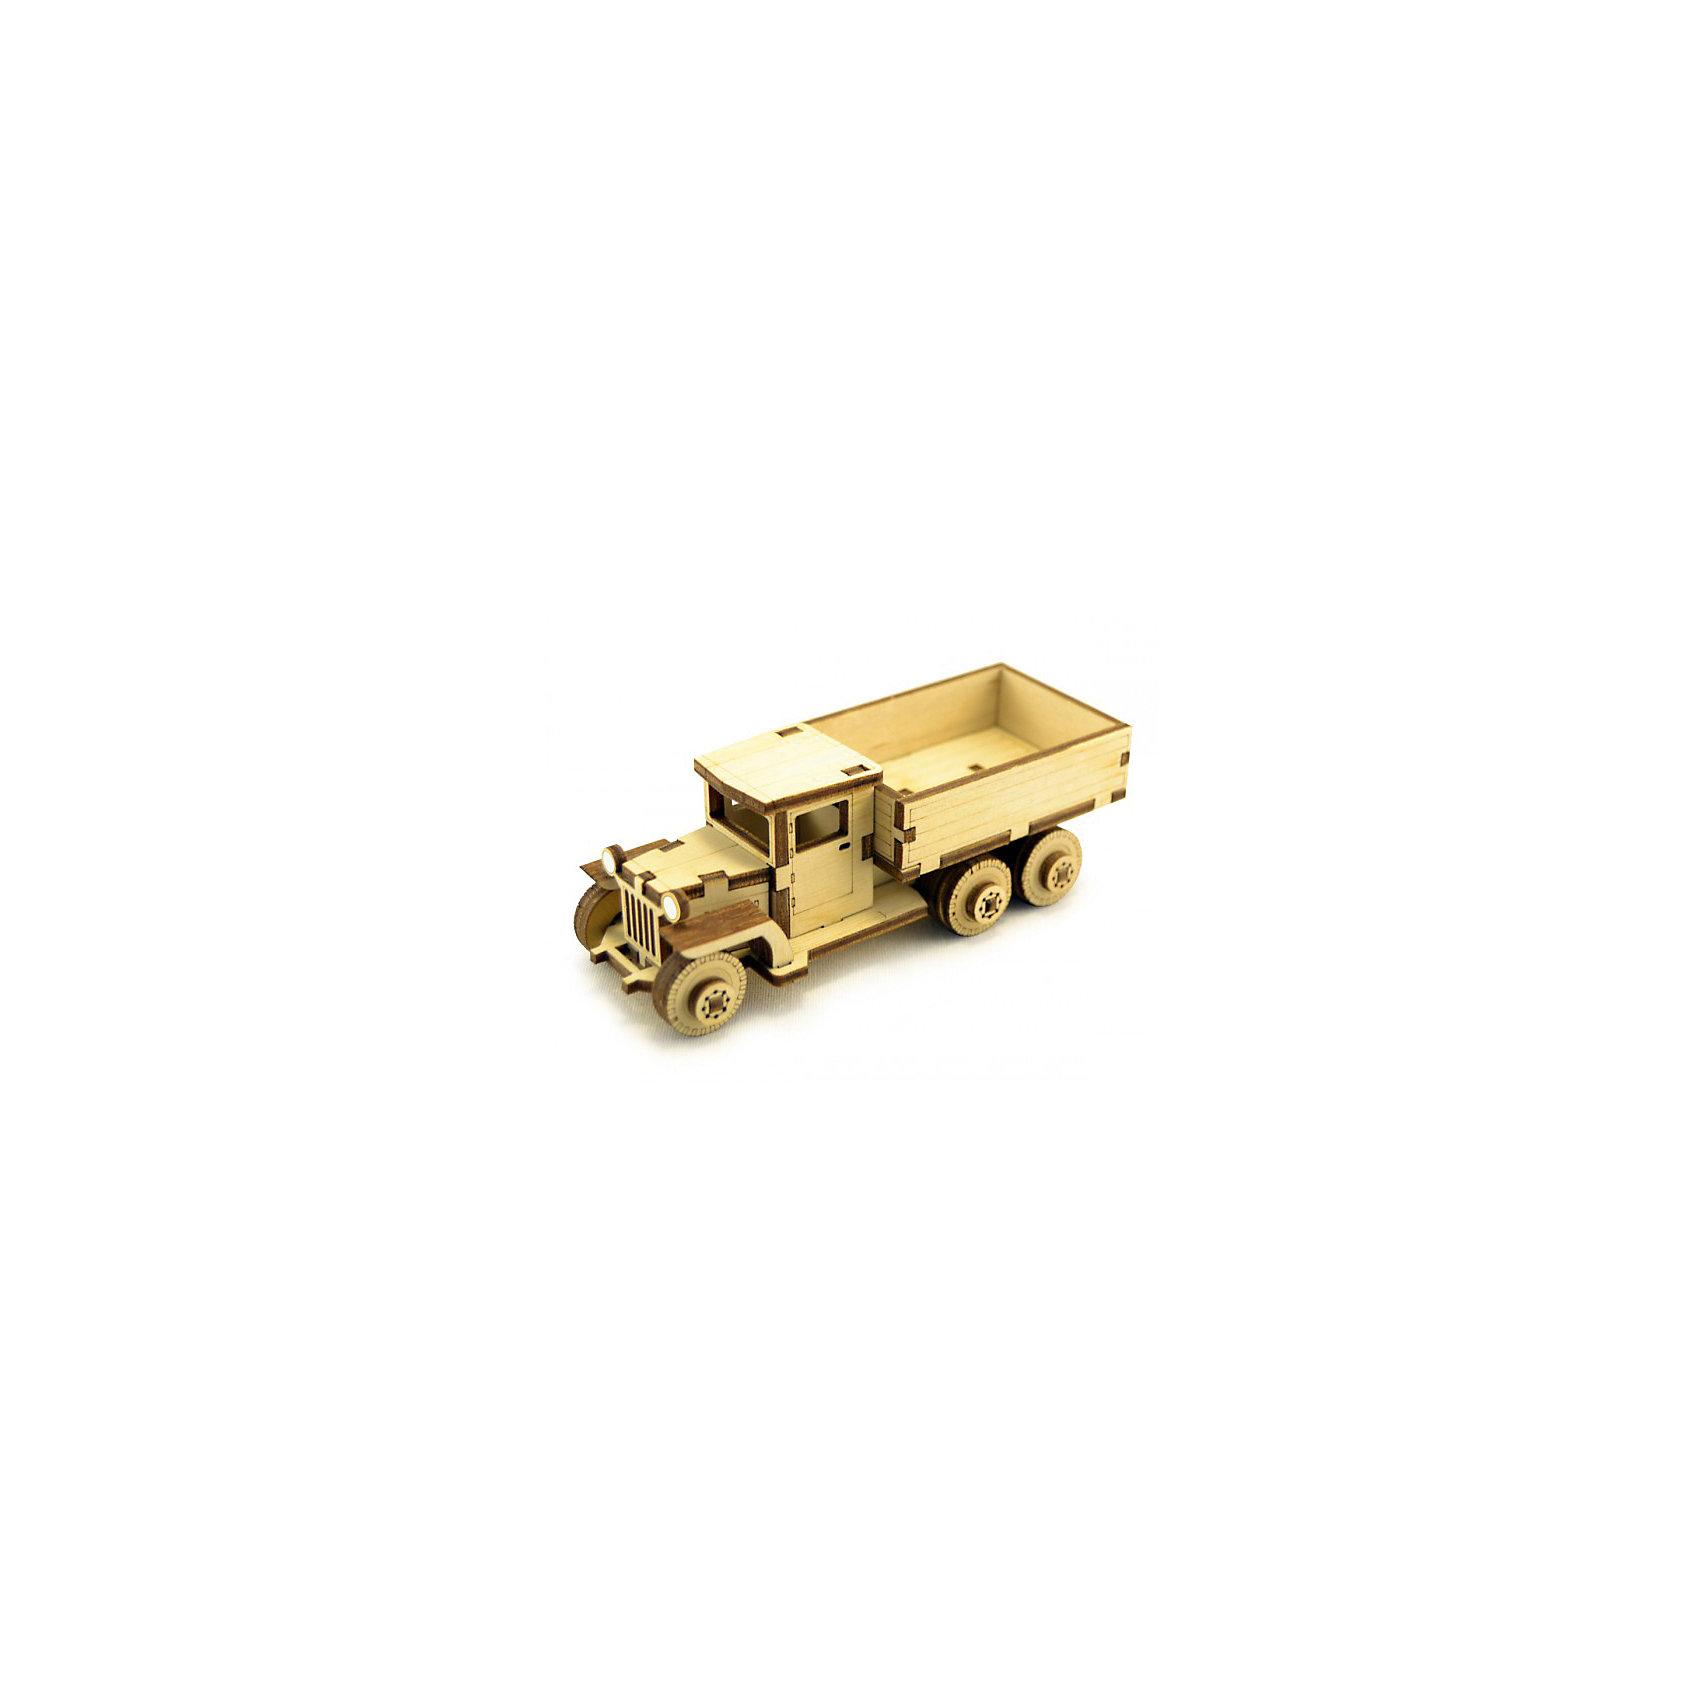 Деревянный  3D конструктор подвижный Советский грузовик ЗИС-5В, LemmoДеревянные модели<br>Характеристики товара:<br><br>• количество деталей: 49;<br>• в комплекте: детали, клей ПВА, наждачная бумага, инструкция;<br>• материал: дерево;<br>• размер упаковки: 5х4,5х12 см;<br>• вес: 70 грамм;<br>• возраст: от 5 лет.<br>• страна производства: Россия<br><br>Деревянный 3D конструктор - увлекательное и полезное занятие для детей от пяти лет. Игра с таким конструктором способствует развитию логики, пространственного мышления, предметного моделирования и моторики рук. Детали конструктора выполнены из качественной древесины с приятным, насыщенным древесным запахом.<br><br>В набор входят 49 деталей, клей ПВА, наждачная бумага и инструкция с иллюстрациями. Внимательно изучив инструкцию, ребенок сможет собрать уменьшенную копию советского грузовика ЗИС-5В с вращающимися колесами. Готовую игрушку можно раскрасить гуашью или акриловыми красками.<br><br>Деревянный  3D конструктор подвижный Советский грузовик ЗИС-5В, Lemmo (Леммо) можно купить в нашем интернет-магазине.<br><br>Ширина мм: 120<br>Глубина мм: 45<br>Высота мм: 50<br>Вес г: 70<br>Возраст от месяцев: 60<br>Возраст до месяцев: 2147483647<br>Пол: Мужской<br>Возраст: Детский<br>SKU: 6918922